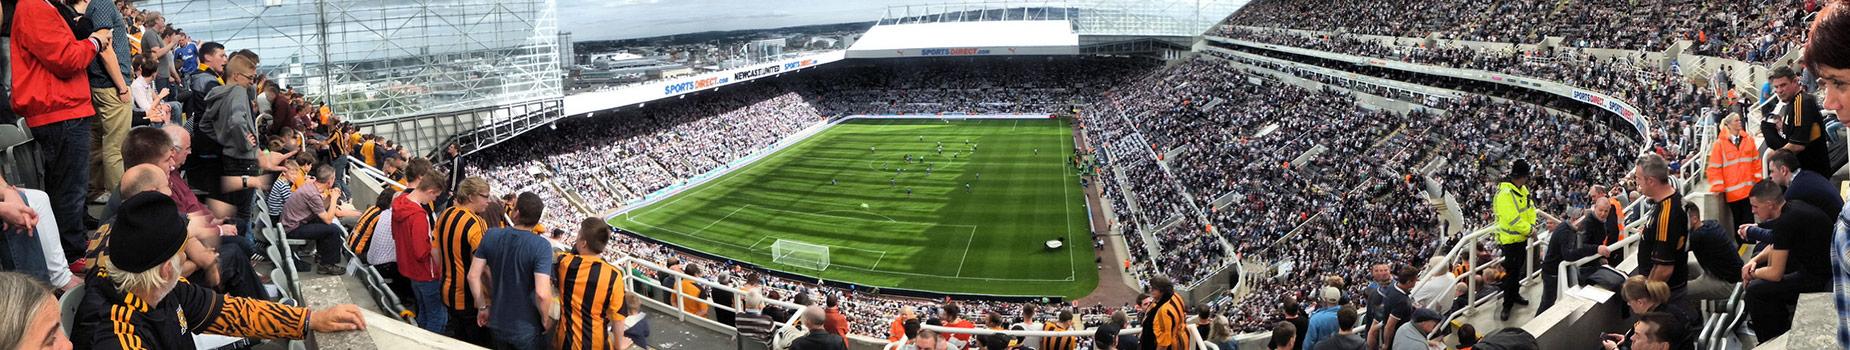 Voetbalreis Newcastle met de boot